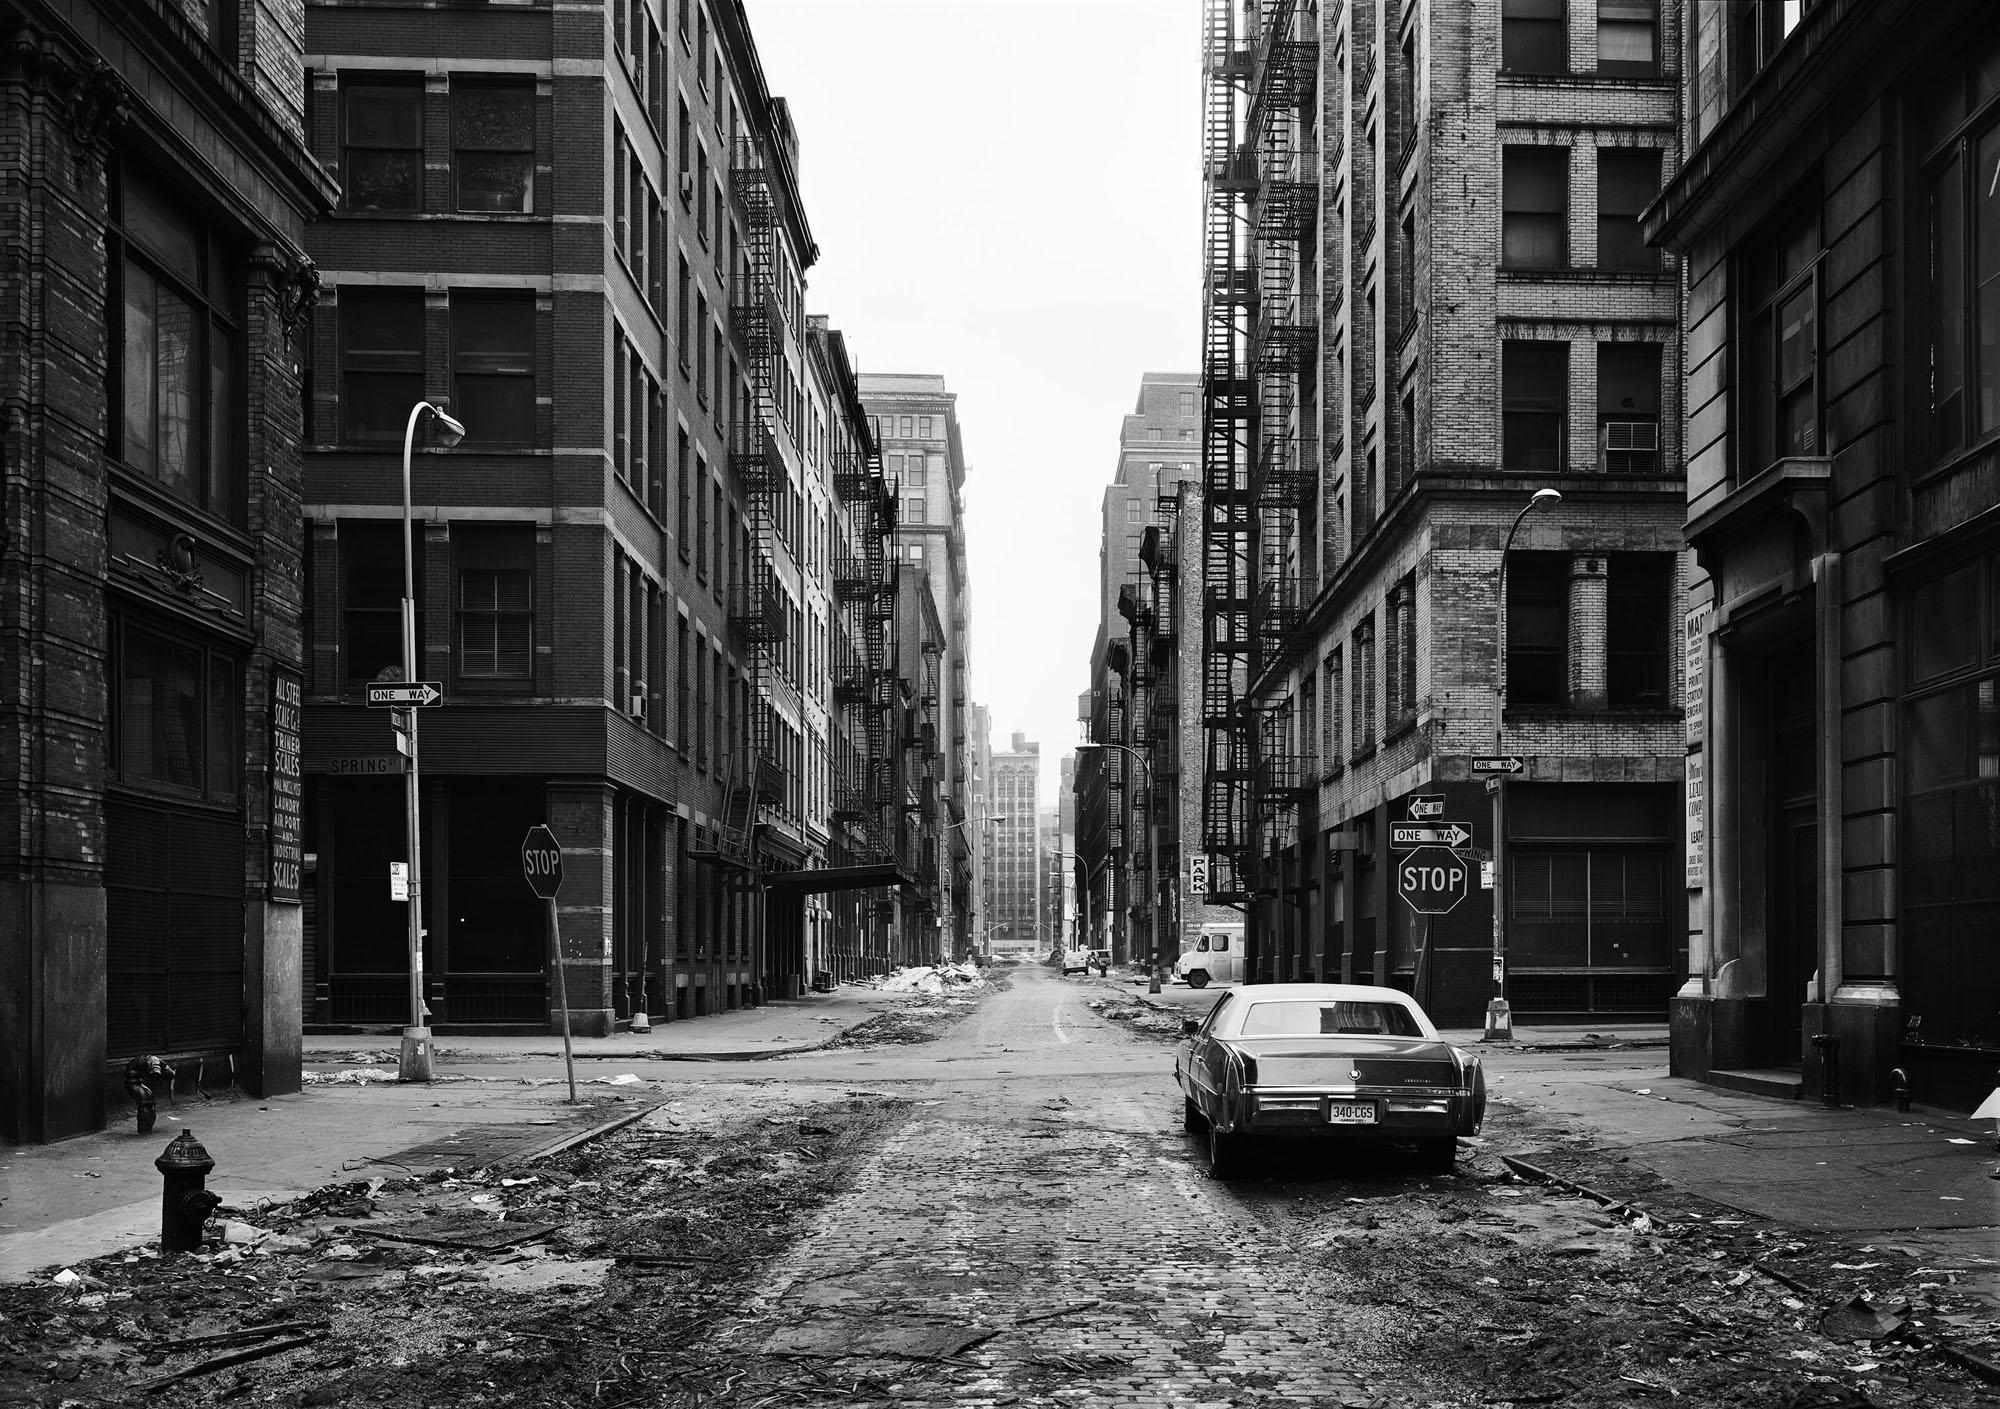 Thomas Struth - Crosby Street, Soho, New York (1978).